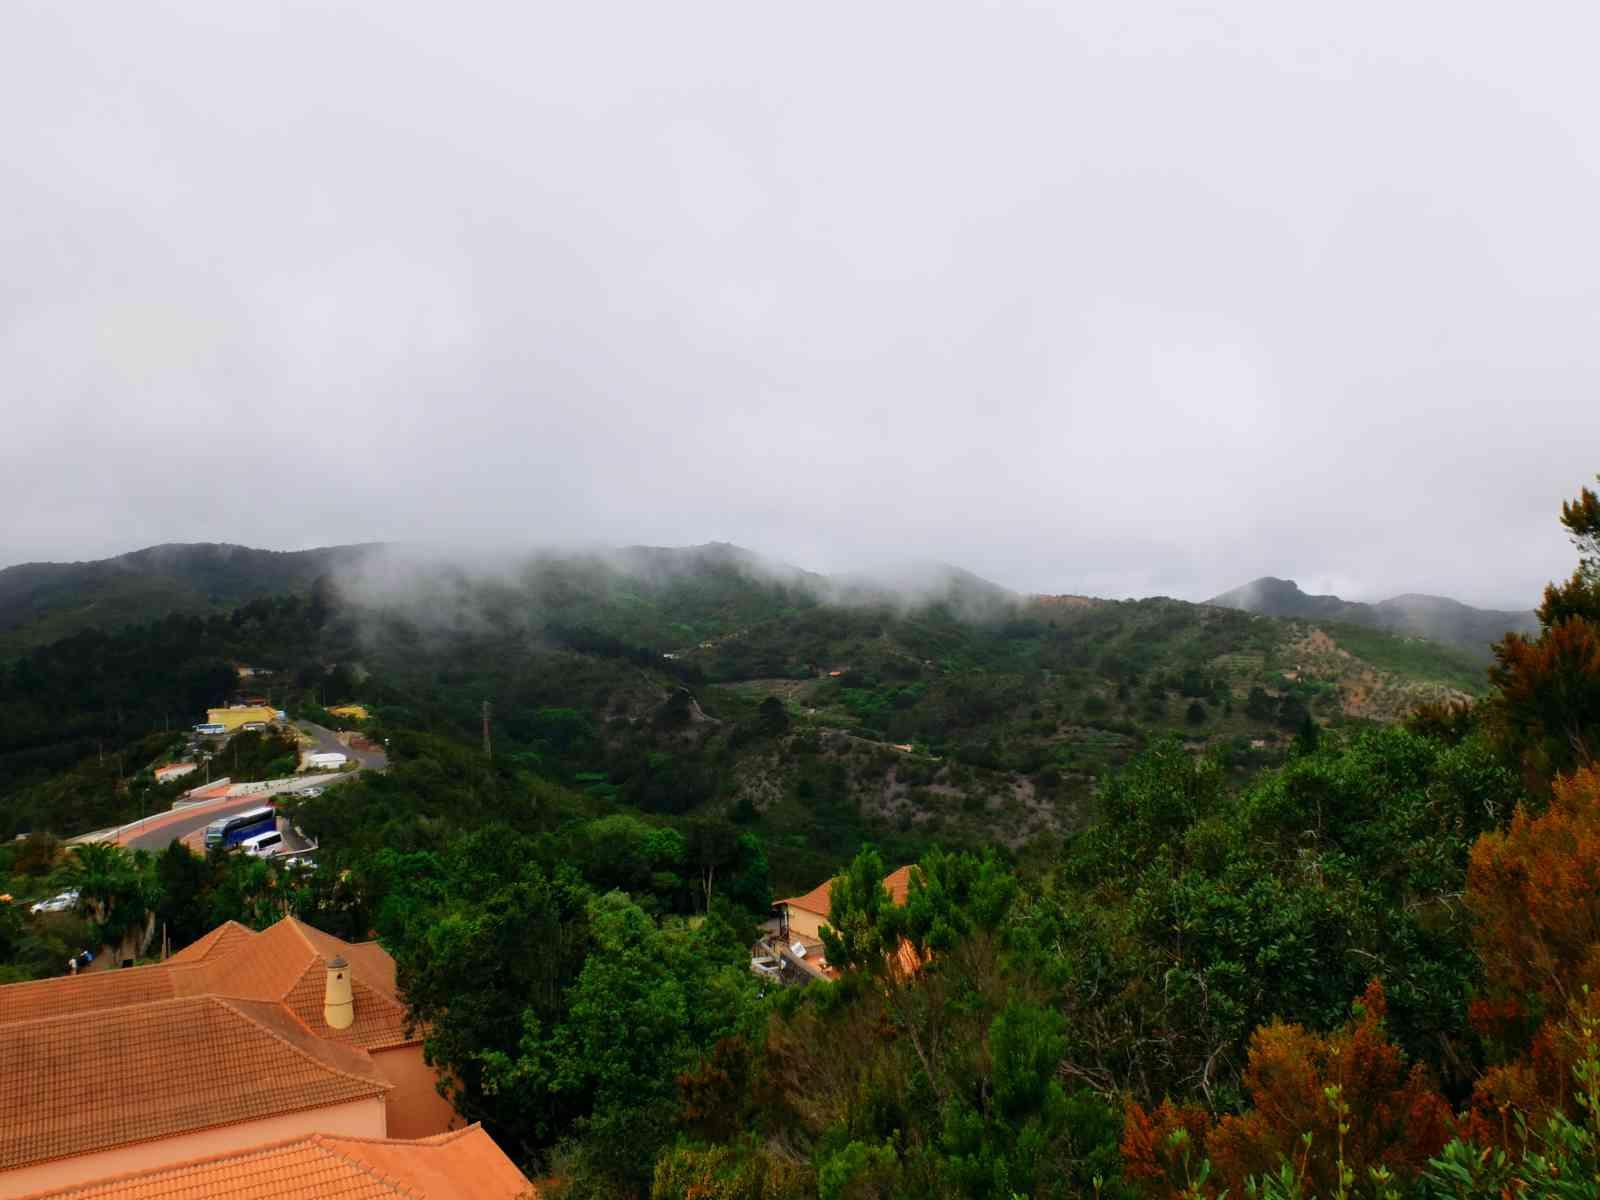 Inselrundfahrt La Gomera - Blick vom Besucherzentrum